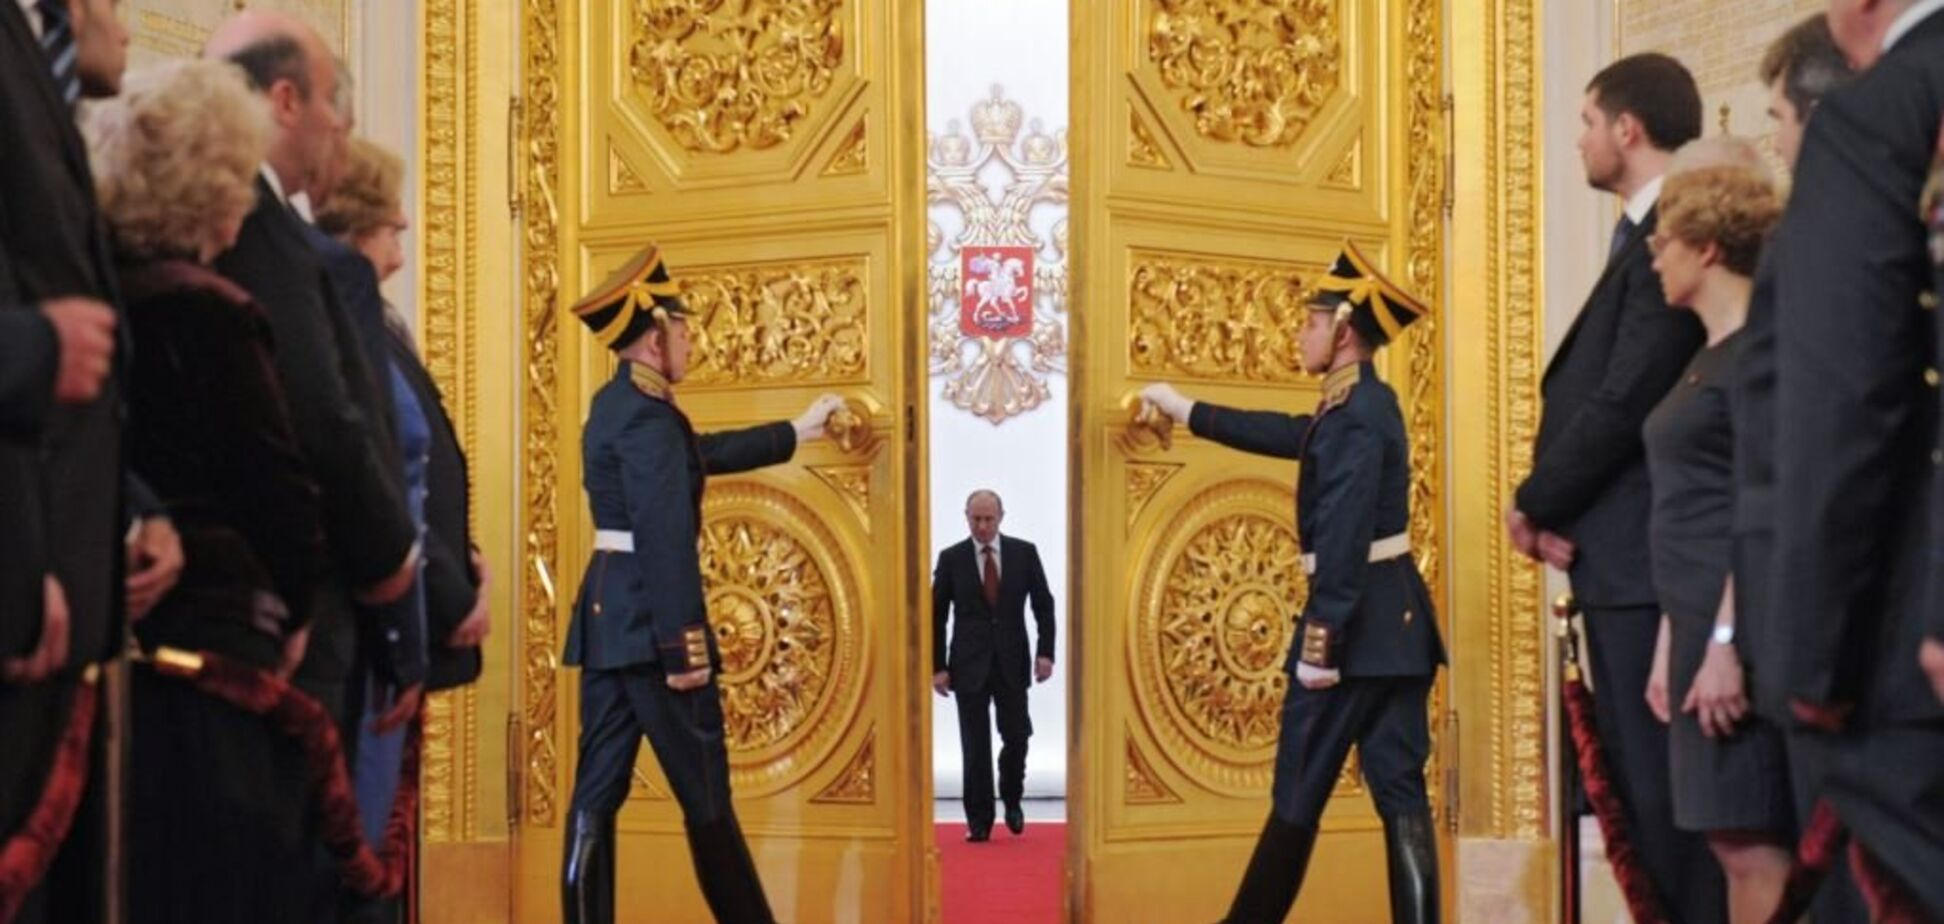 Стало известно, кто согласился ехать на инаугурацию Путина